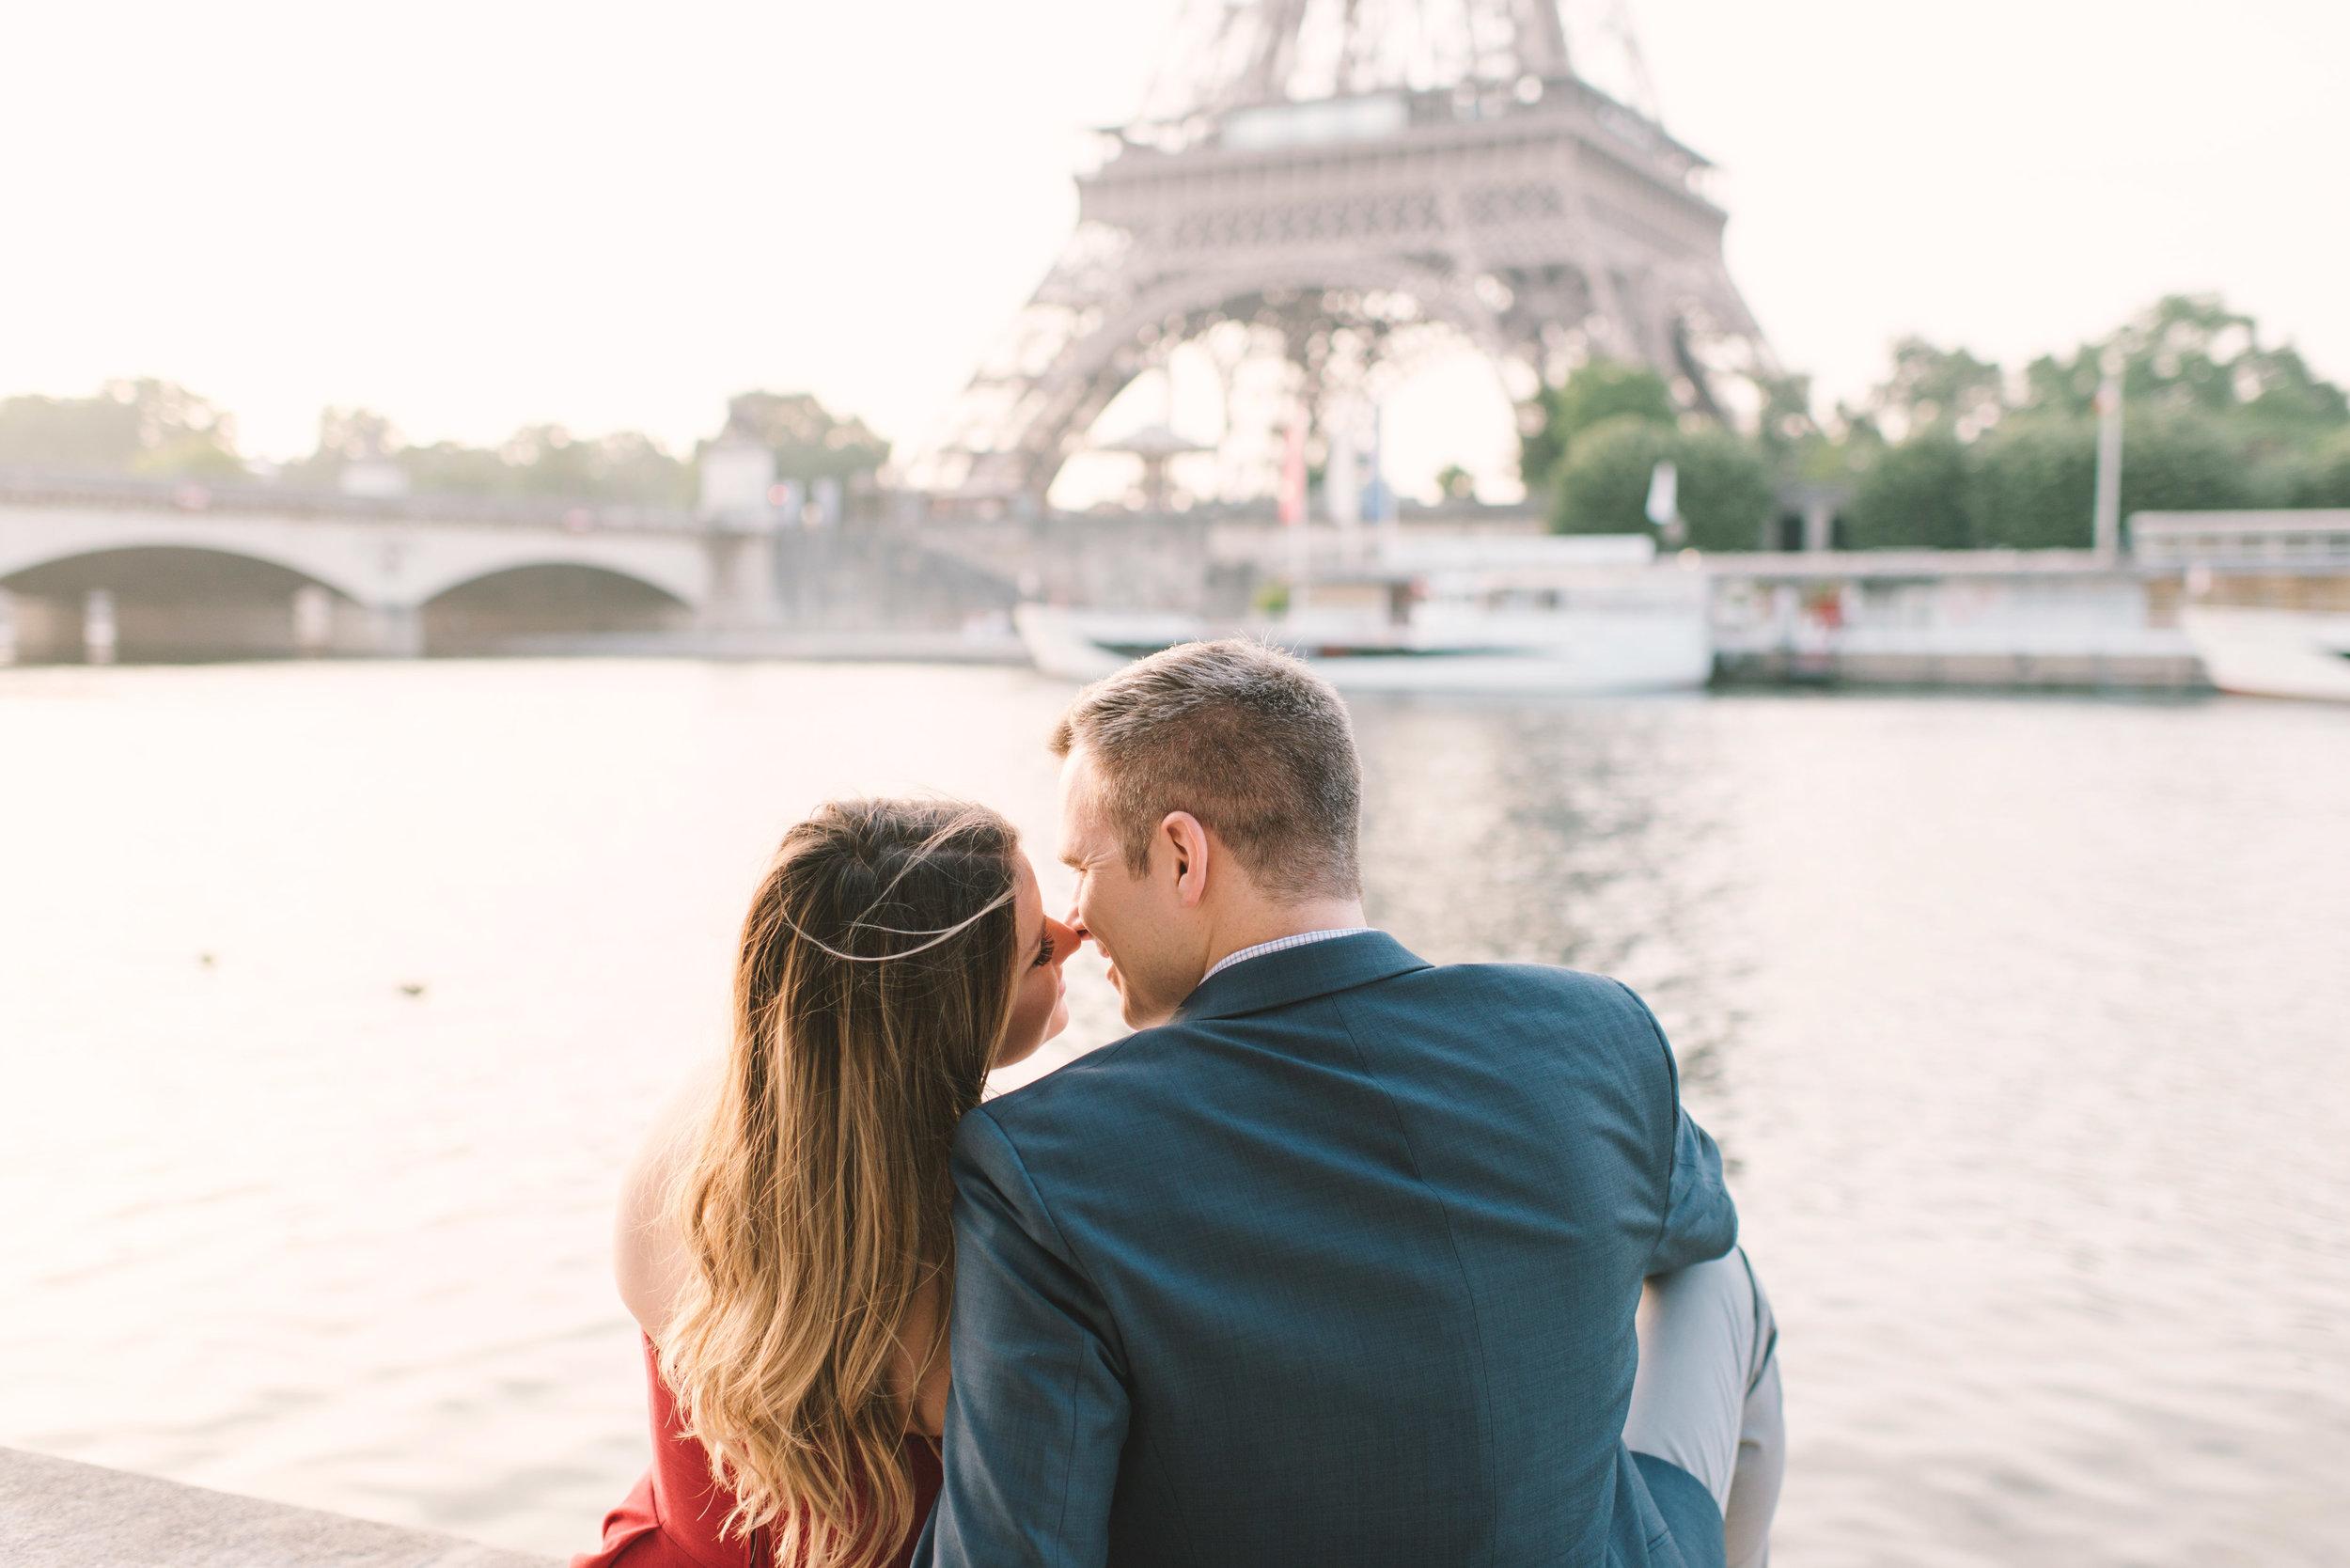 Couple-portrait-session-Paris-EiffelTower-Seine-Cafe068.jpg